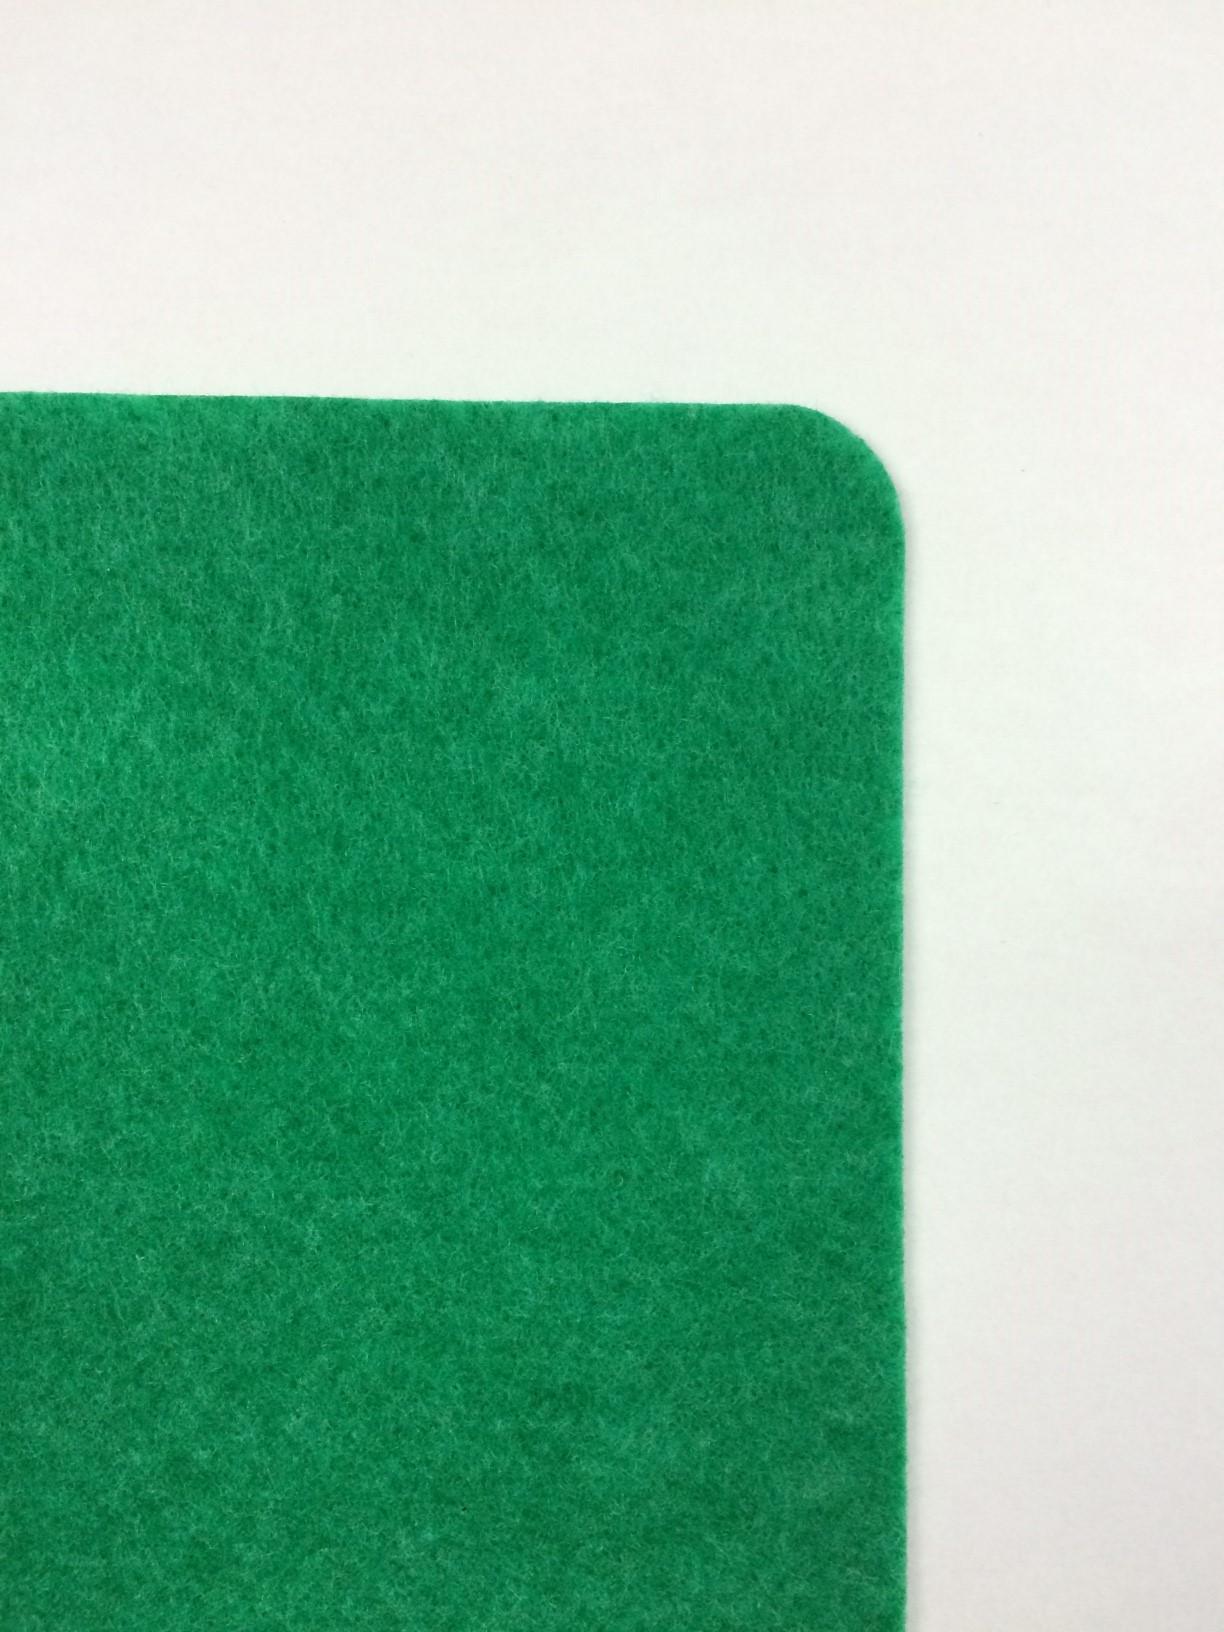 デスクマット用下敷き 不織布